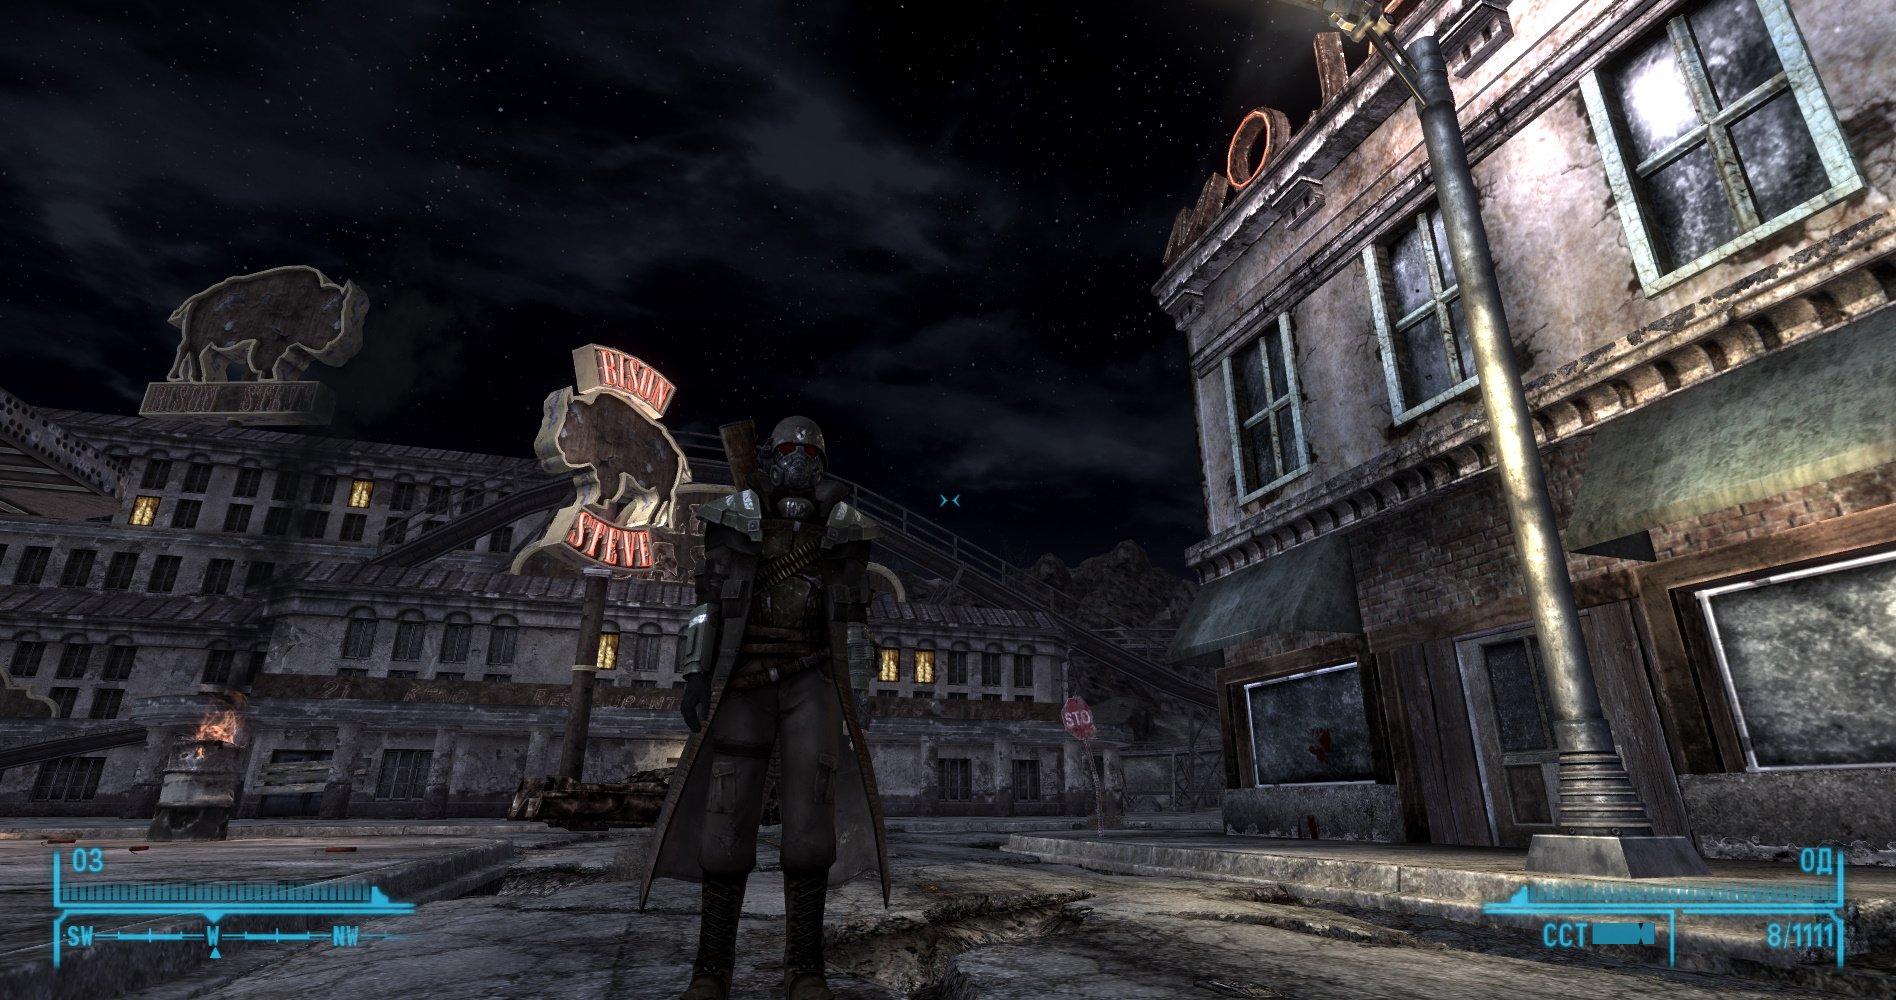 Сравнительный анализ (на самом деле нет) Fallout New Vegas vs. Fallout 4 (часть 2) - Изображение 11